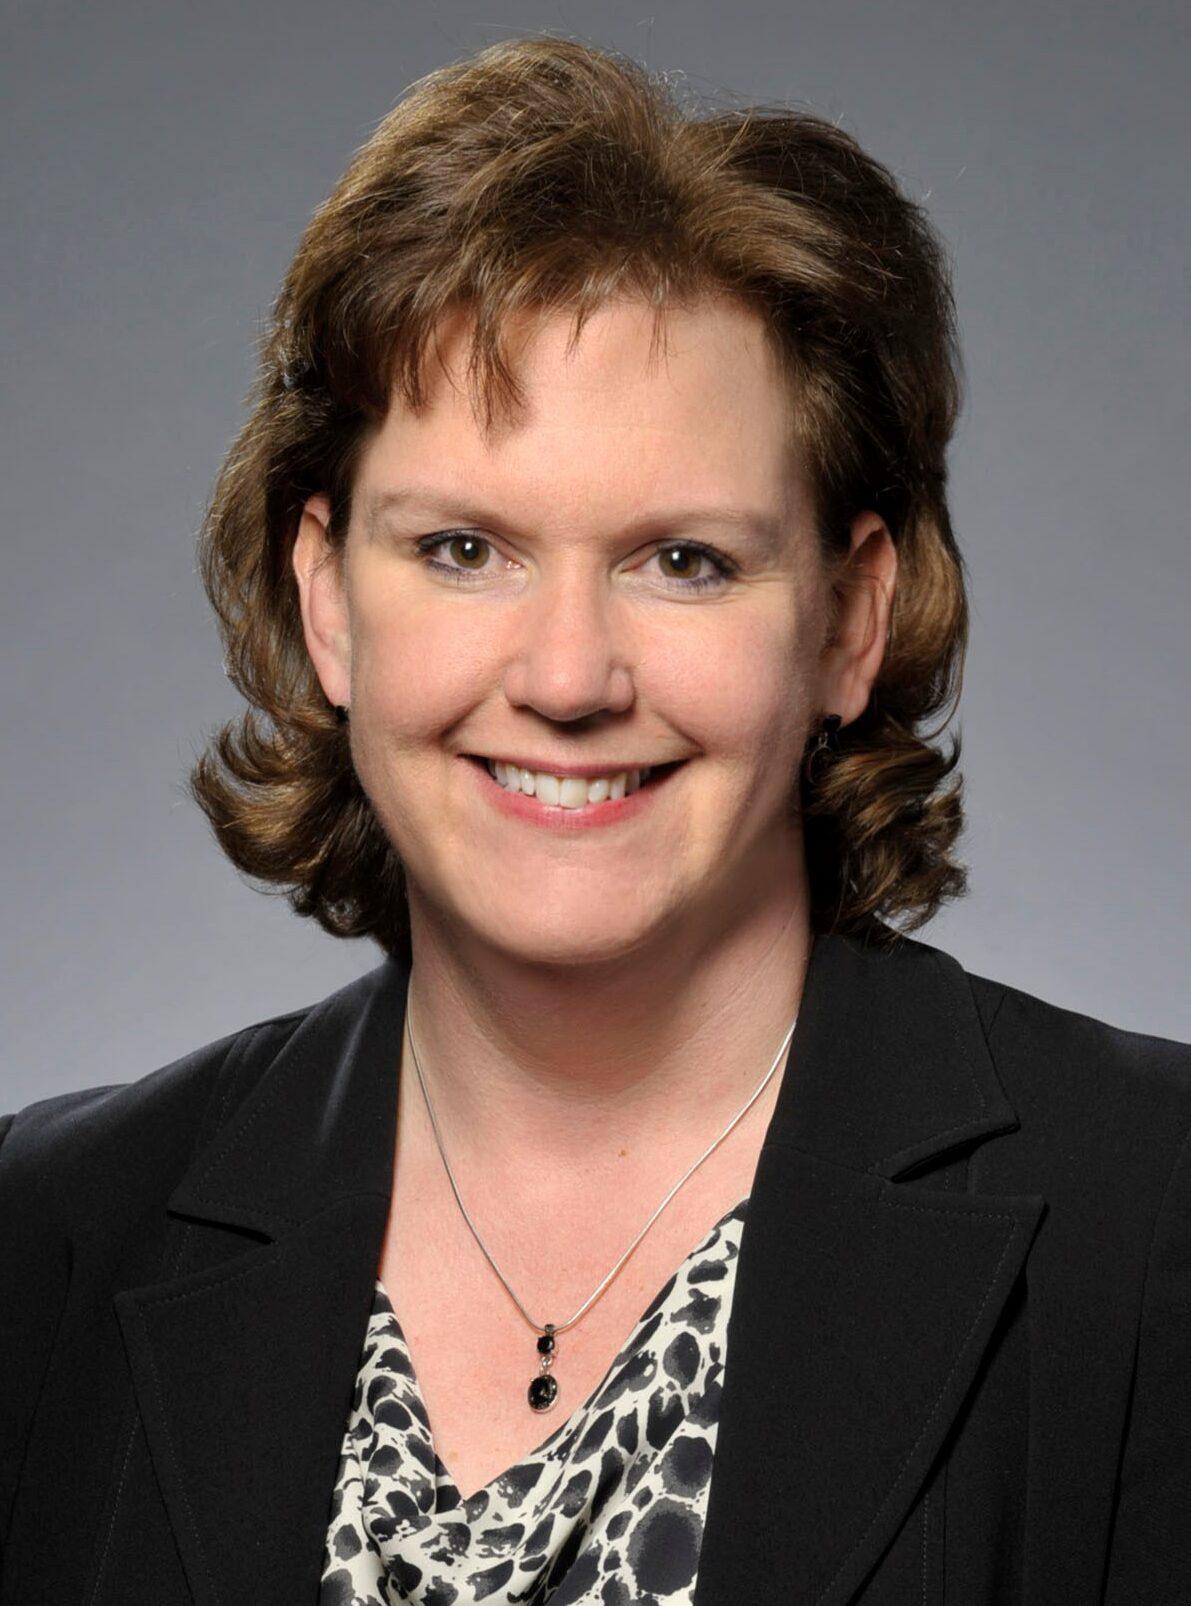 Julianne Murray